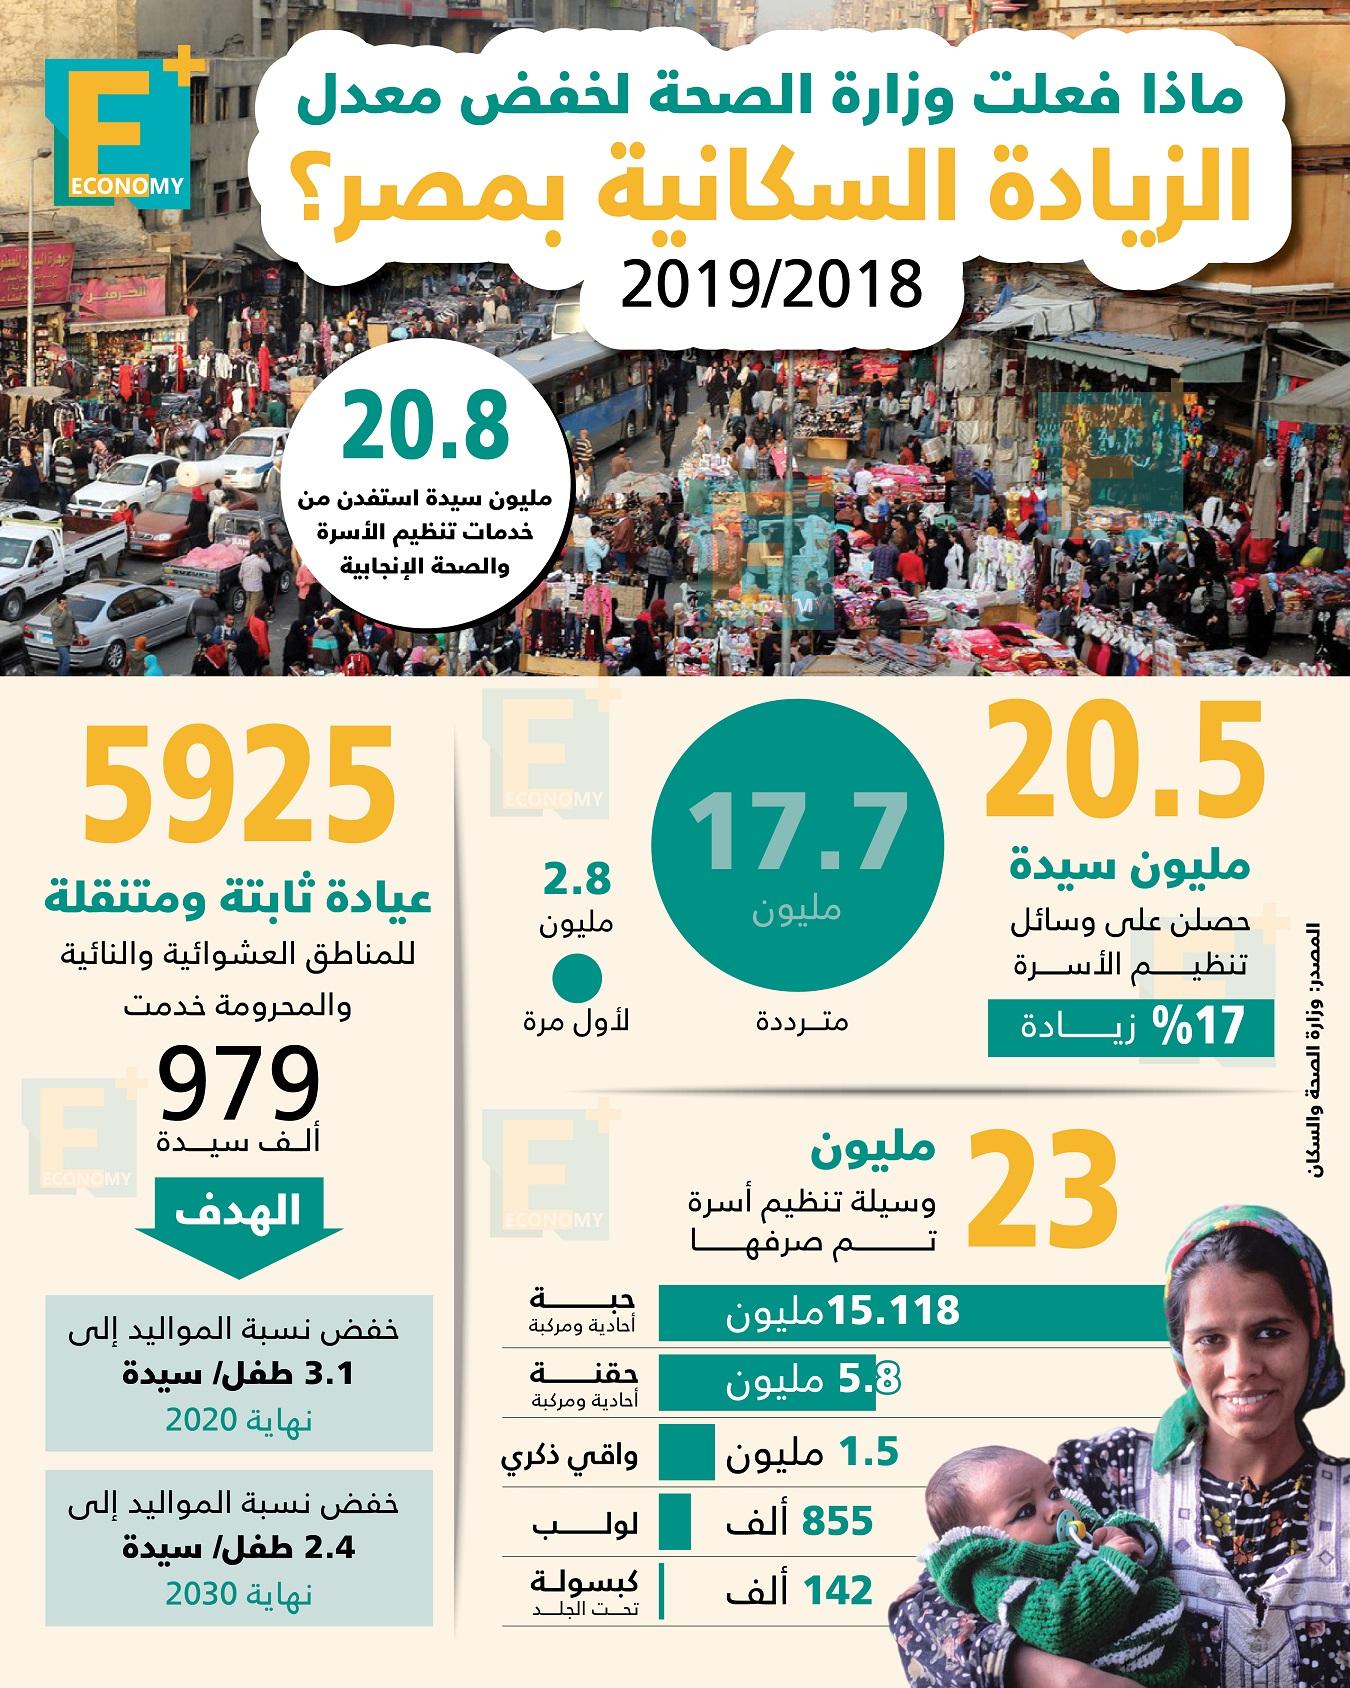 ماذا فعلت وزارة الصحة لخفض الزيادة السكانية بمصر